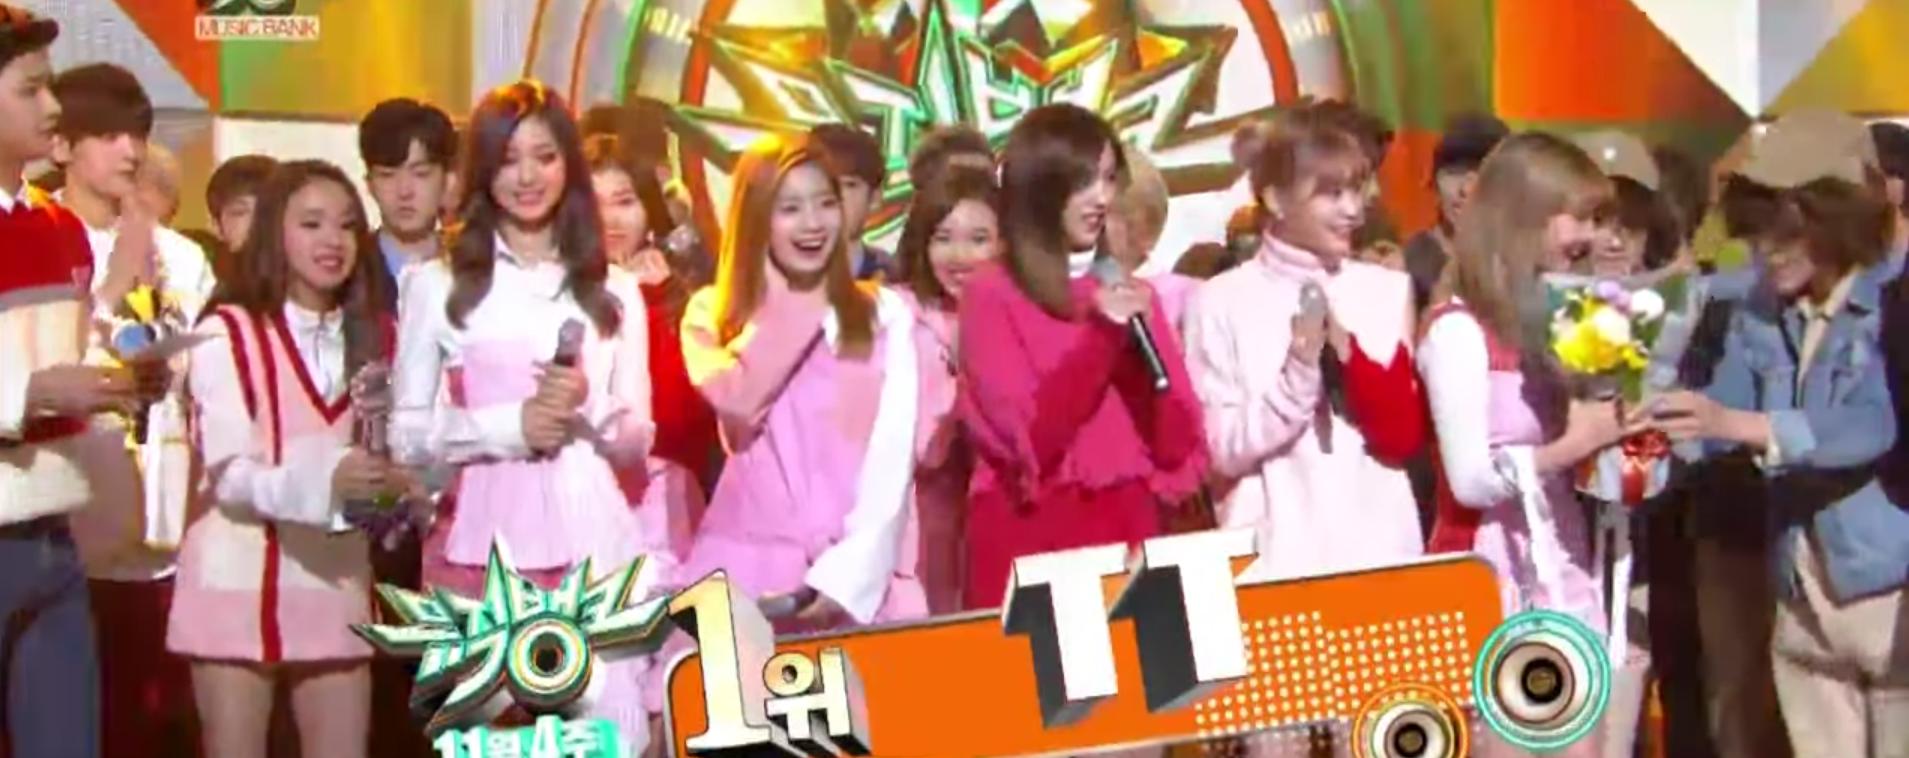 """TWICE se lleva el 11º premio con """"TT"""" en """"Music Bank"""""""